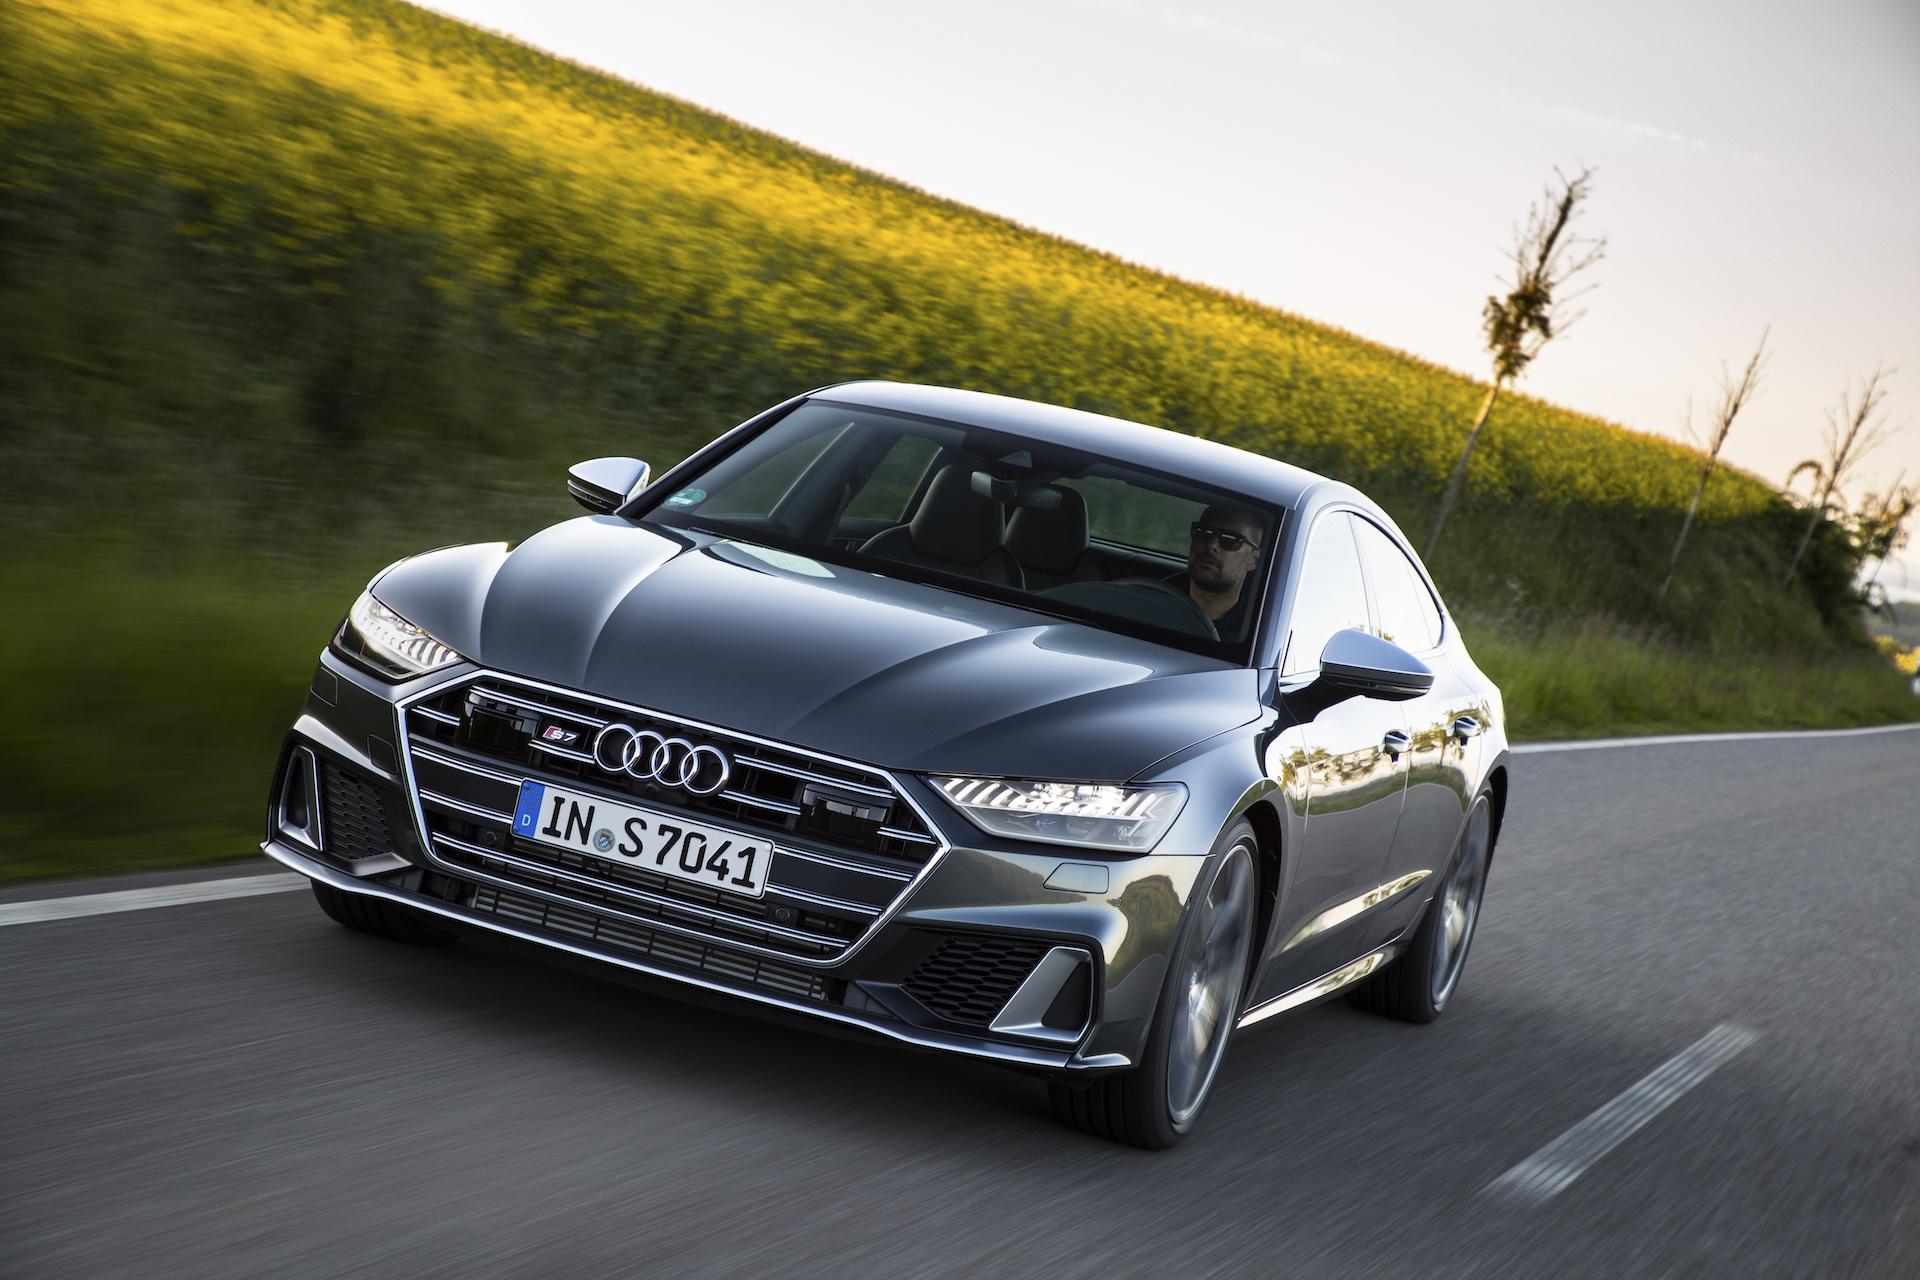 Kelebihan Kekurangan Audi A7 Sport Murah Berkualitas